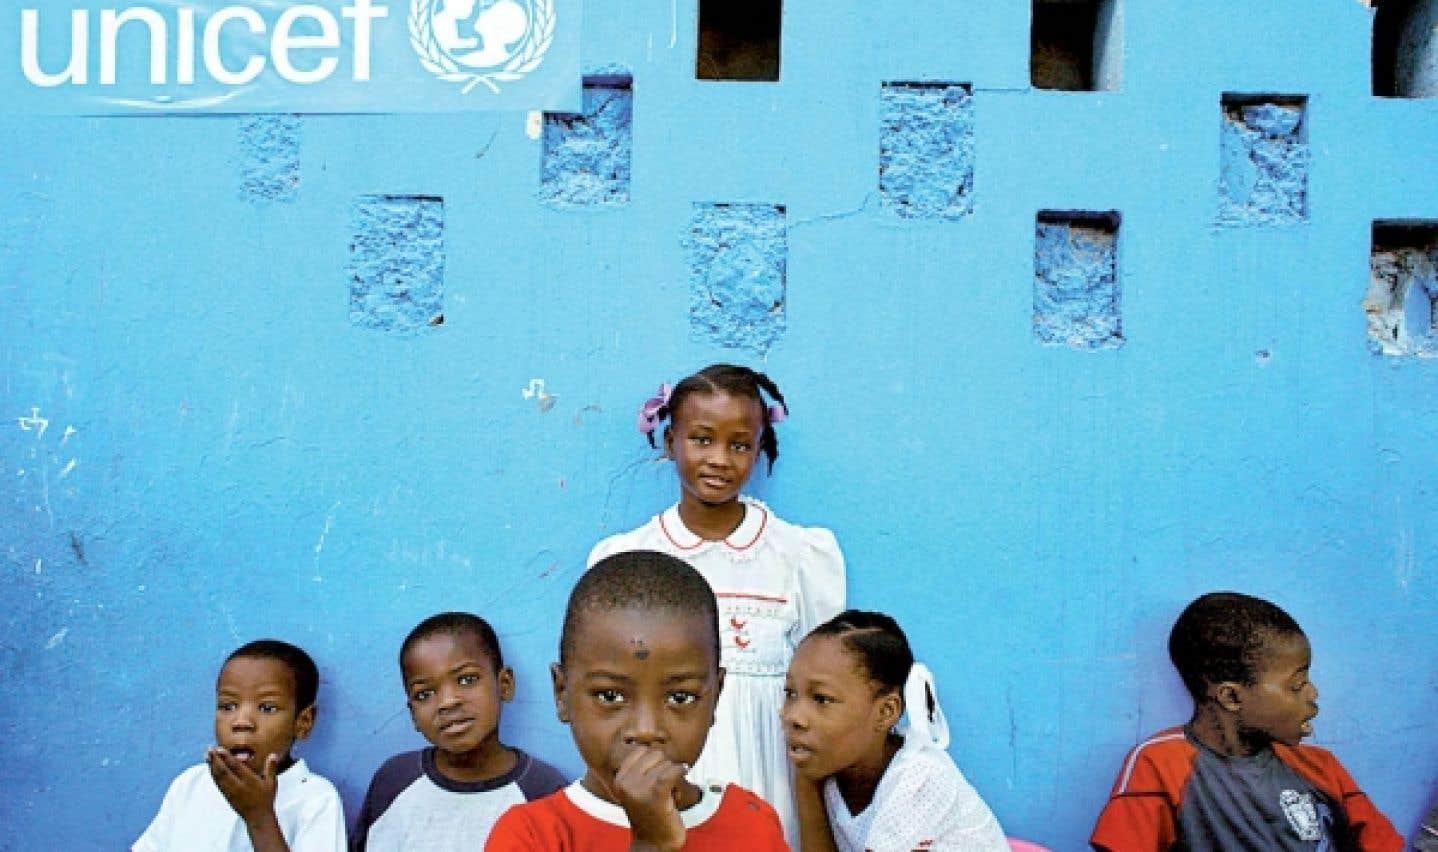 L'heure des prédateurs - Va-t-on abandonner les enfants oubliés d'Haïti ?